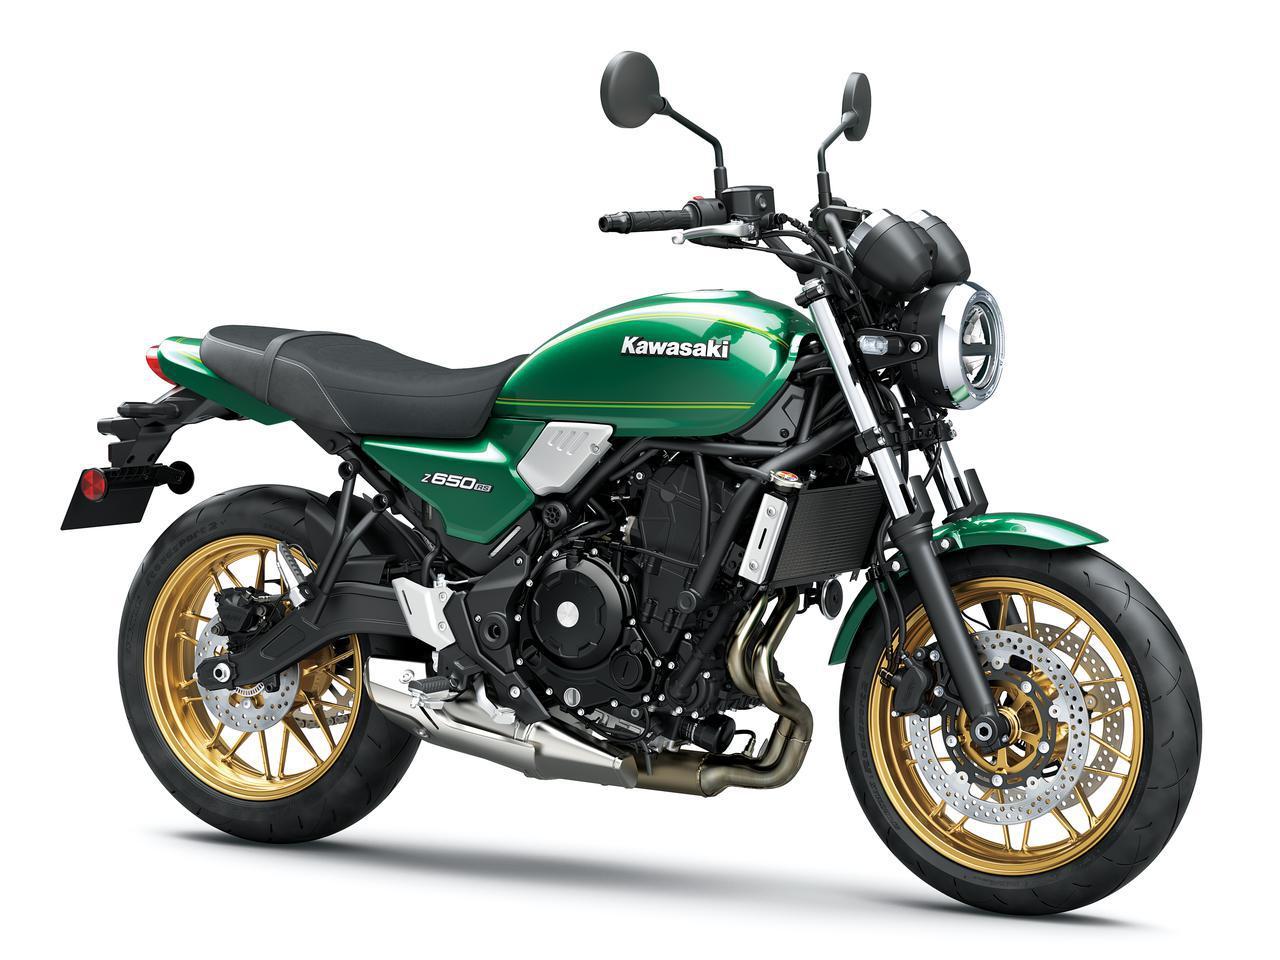 画像: Kawasaki Z650RS 欧州仕様車 総排気量:649cc エンジン形式:水冷4ストDOHC4バルブ並列2気筒 シート高:820mm 車両重量:187kg